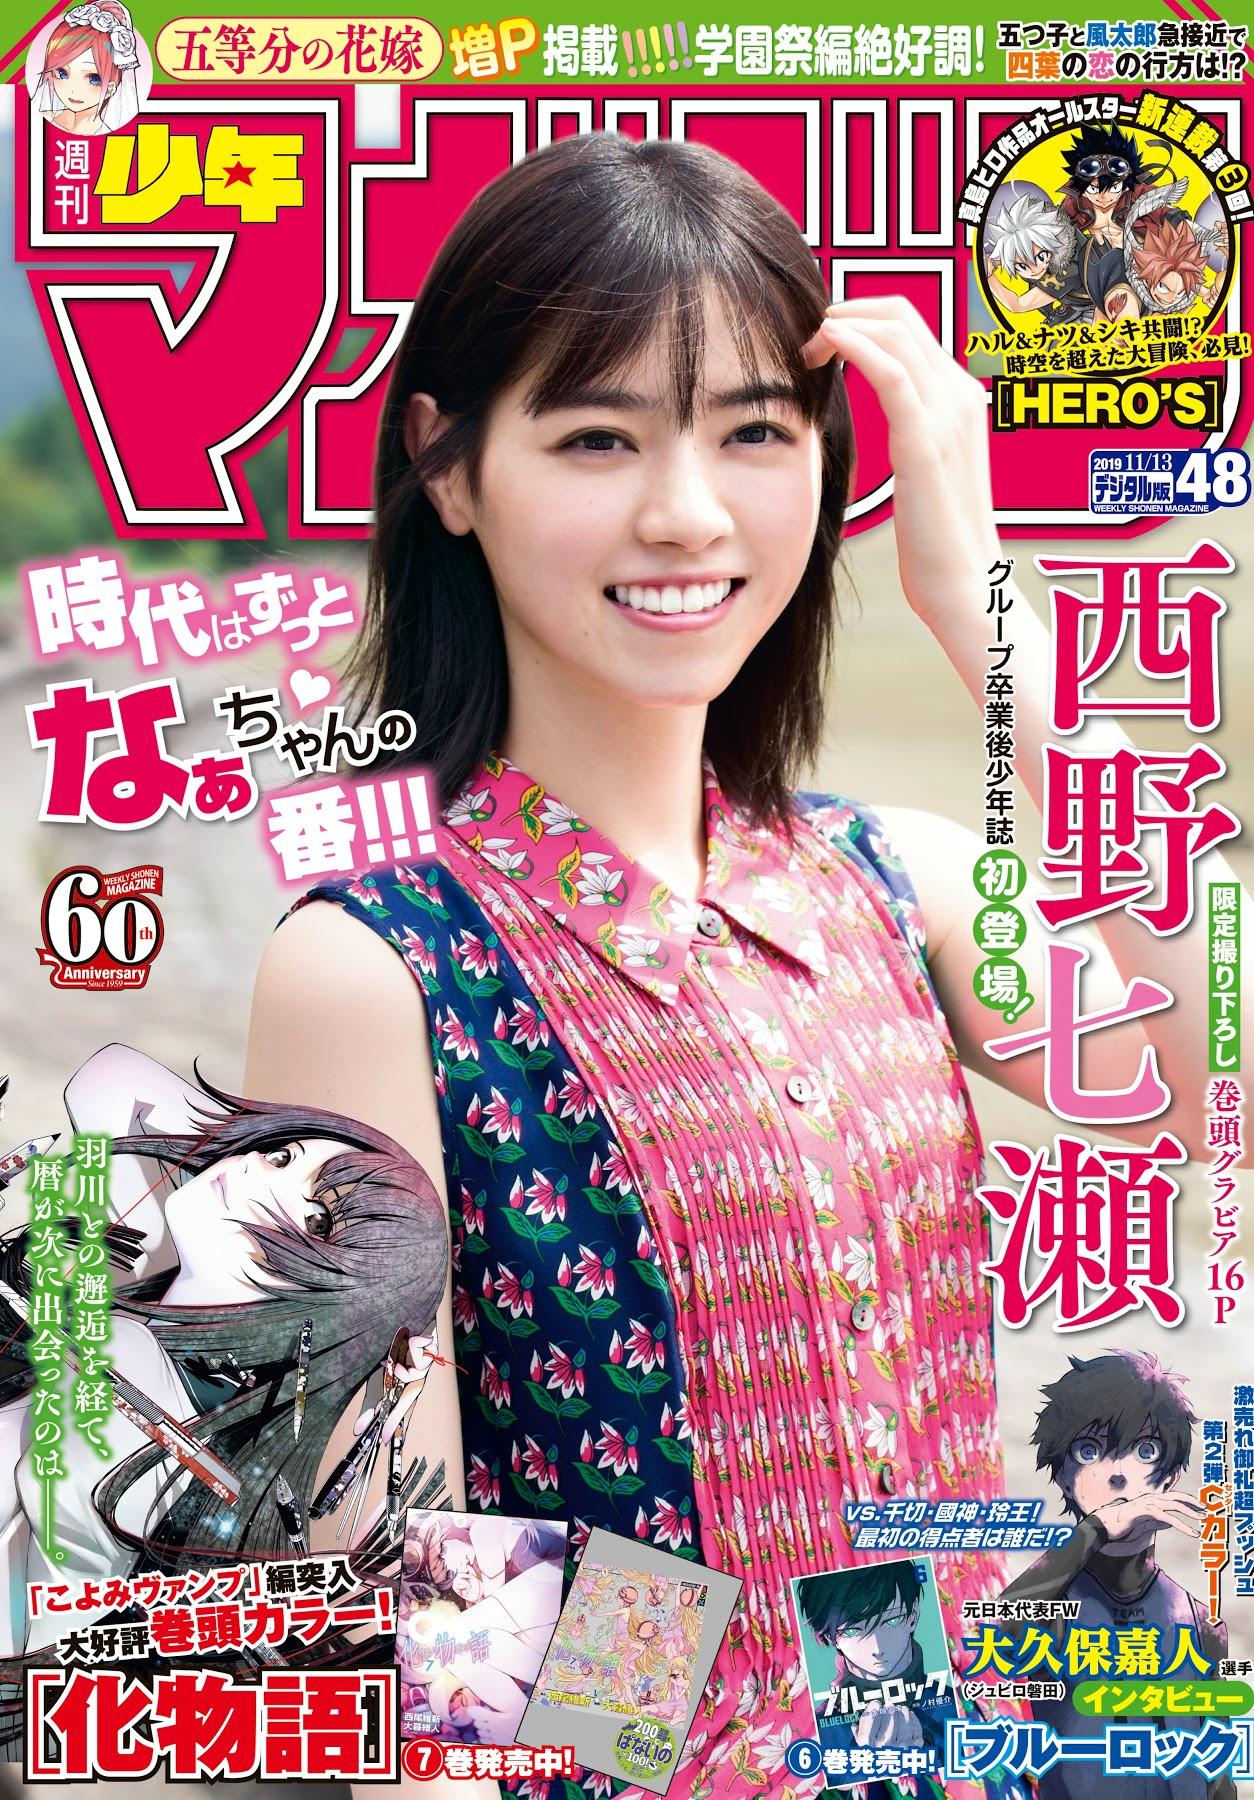 SHONEN MAGAZINE 2019 NO.48 西野七濑